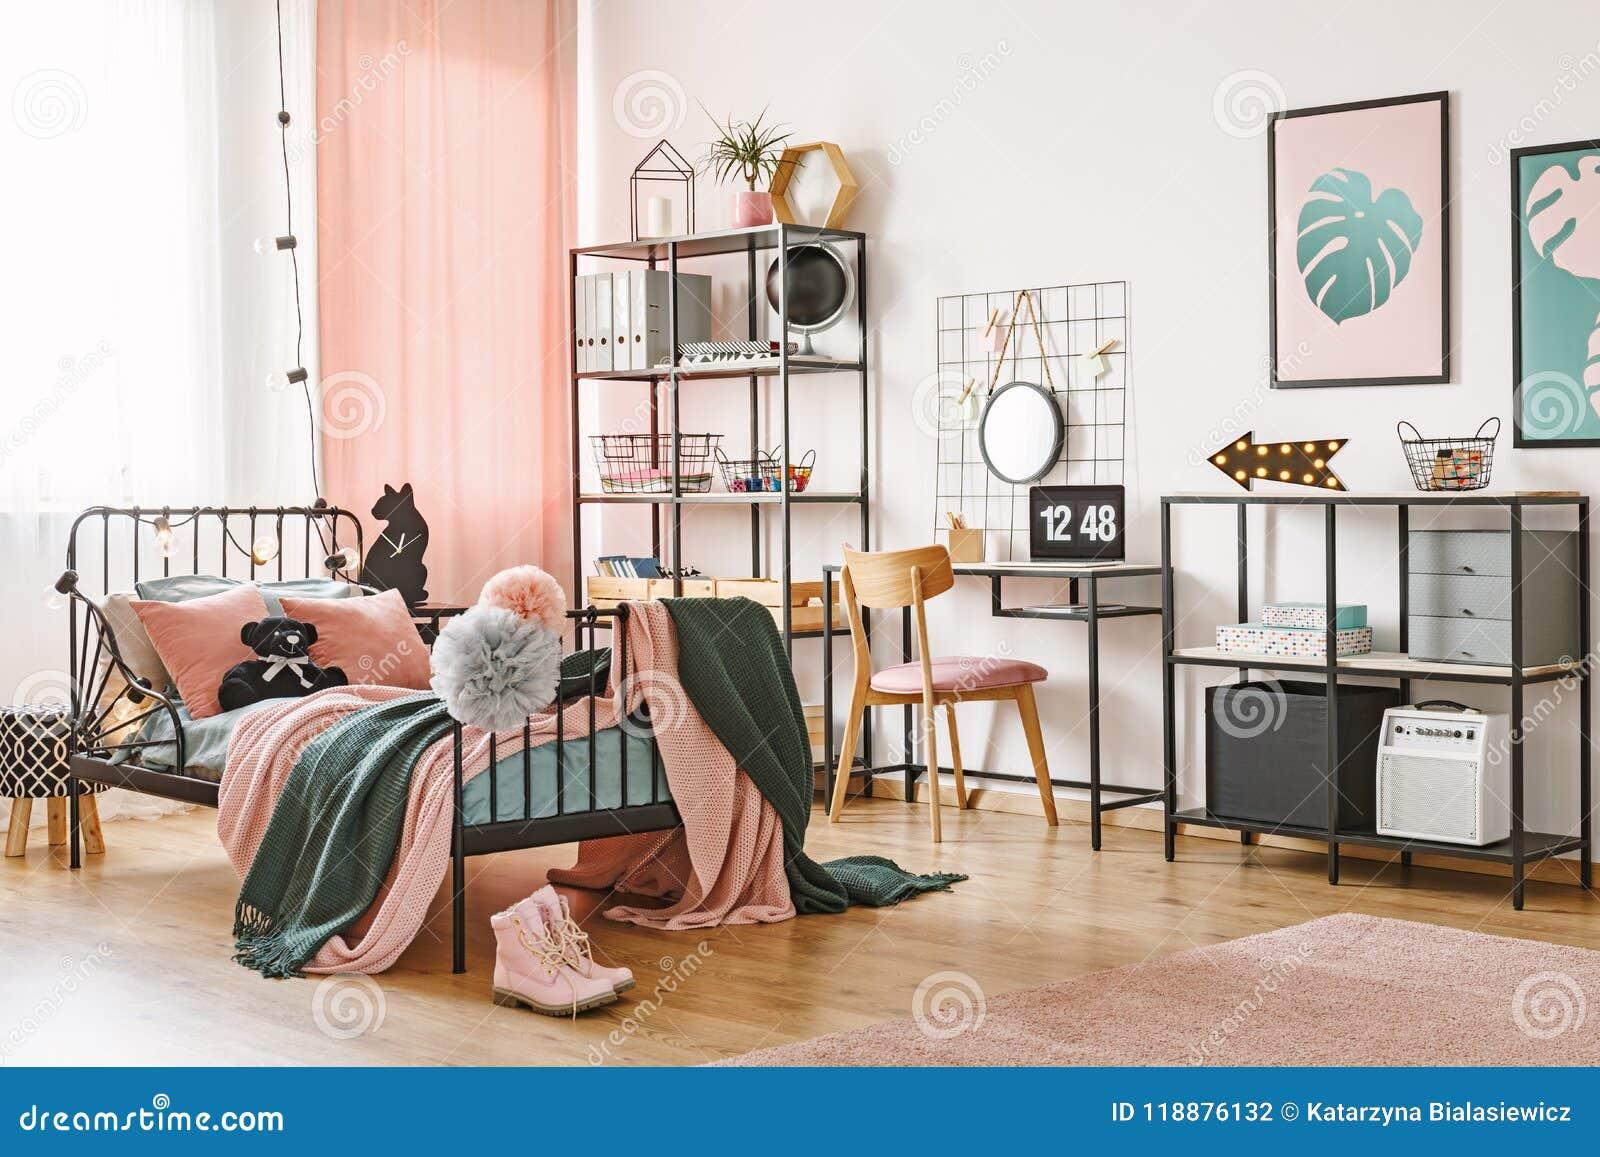 Roze Slaapkamer Stoel : Roze en groene vrouwelijke slaapkamer stock foto afbeelding